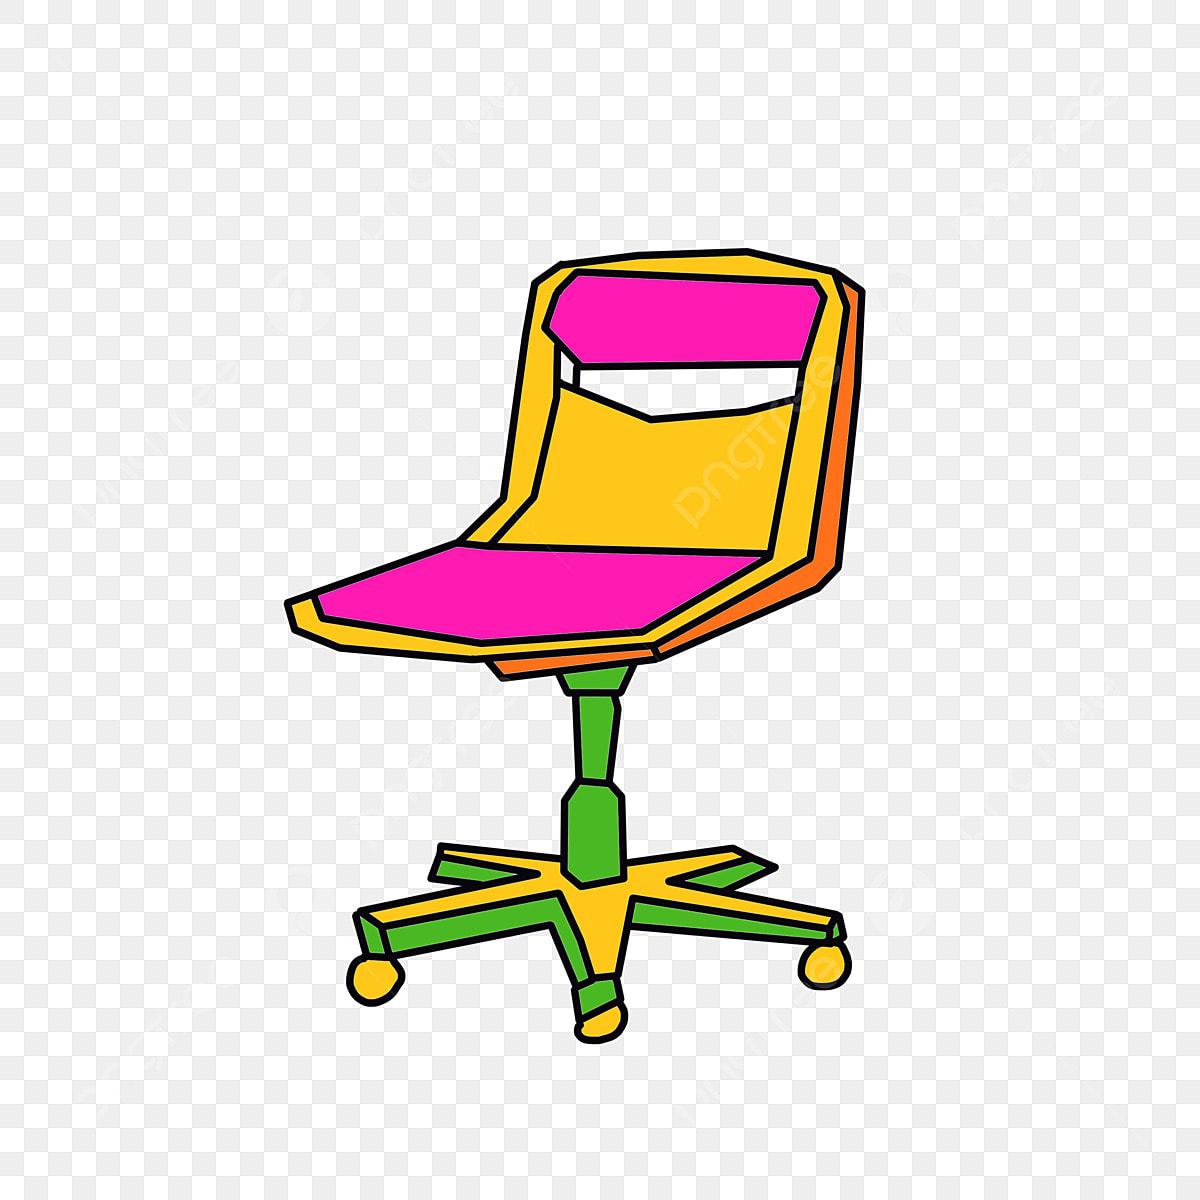 Gambar Kerusi Meja Dan Kerusi Gambar Kerusi Kartun Ilustrasi Kerusi Merah Jambu Kerusi Ilustrasi Perabot Kreatif Kerusi Merah Jambu Png Dan Psd Untuk Muat Turun Percuma